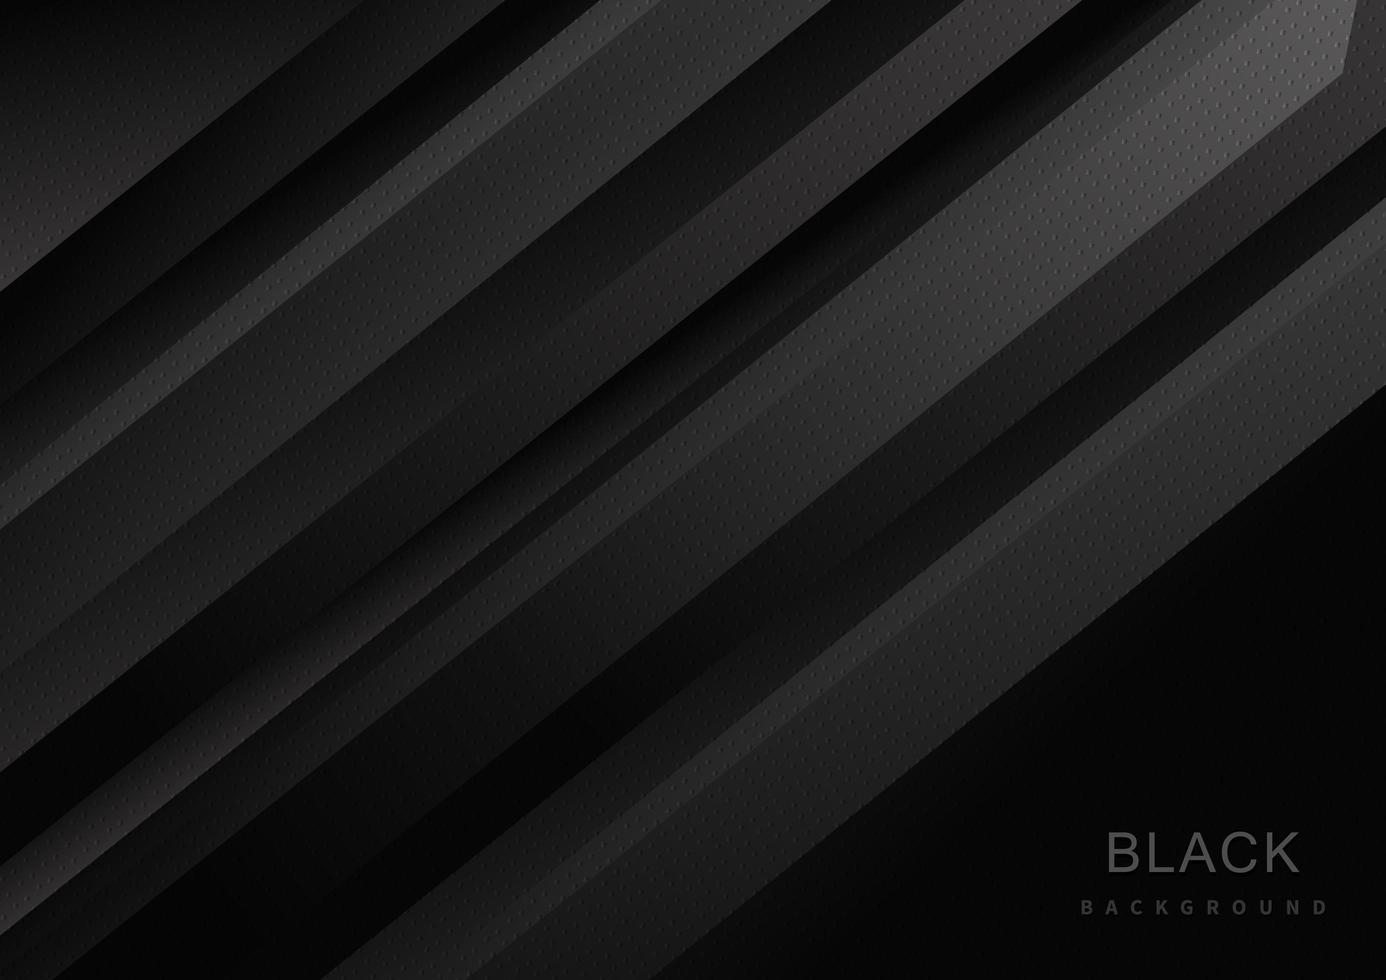 abstrakter moderner schwarzer Hintergrund mit diagonalen Streifen vektor